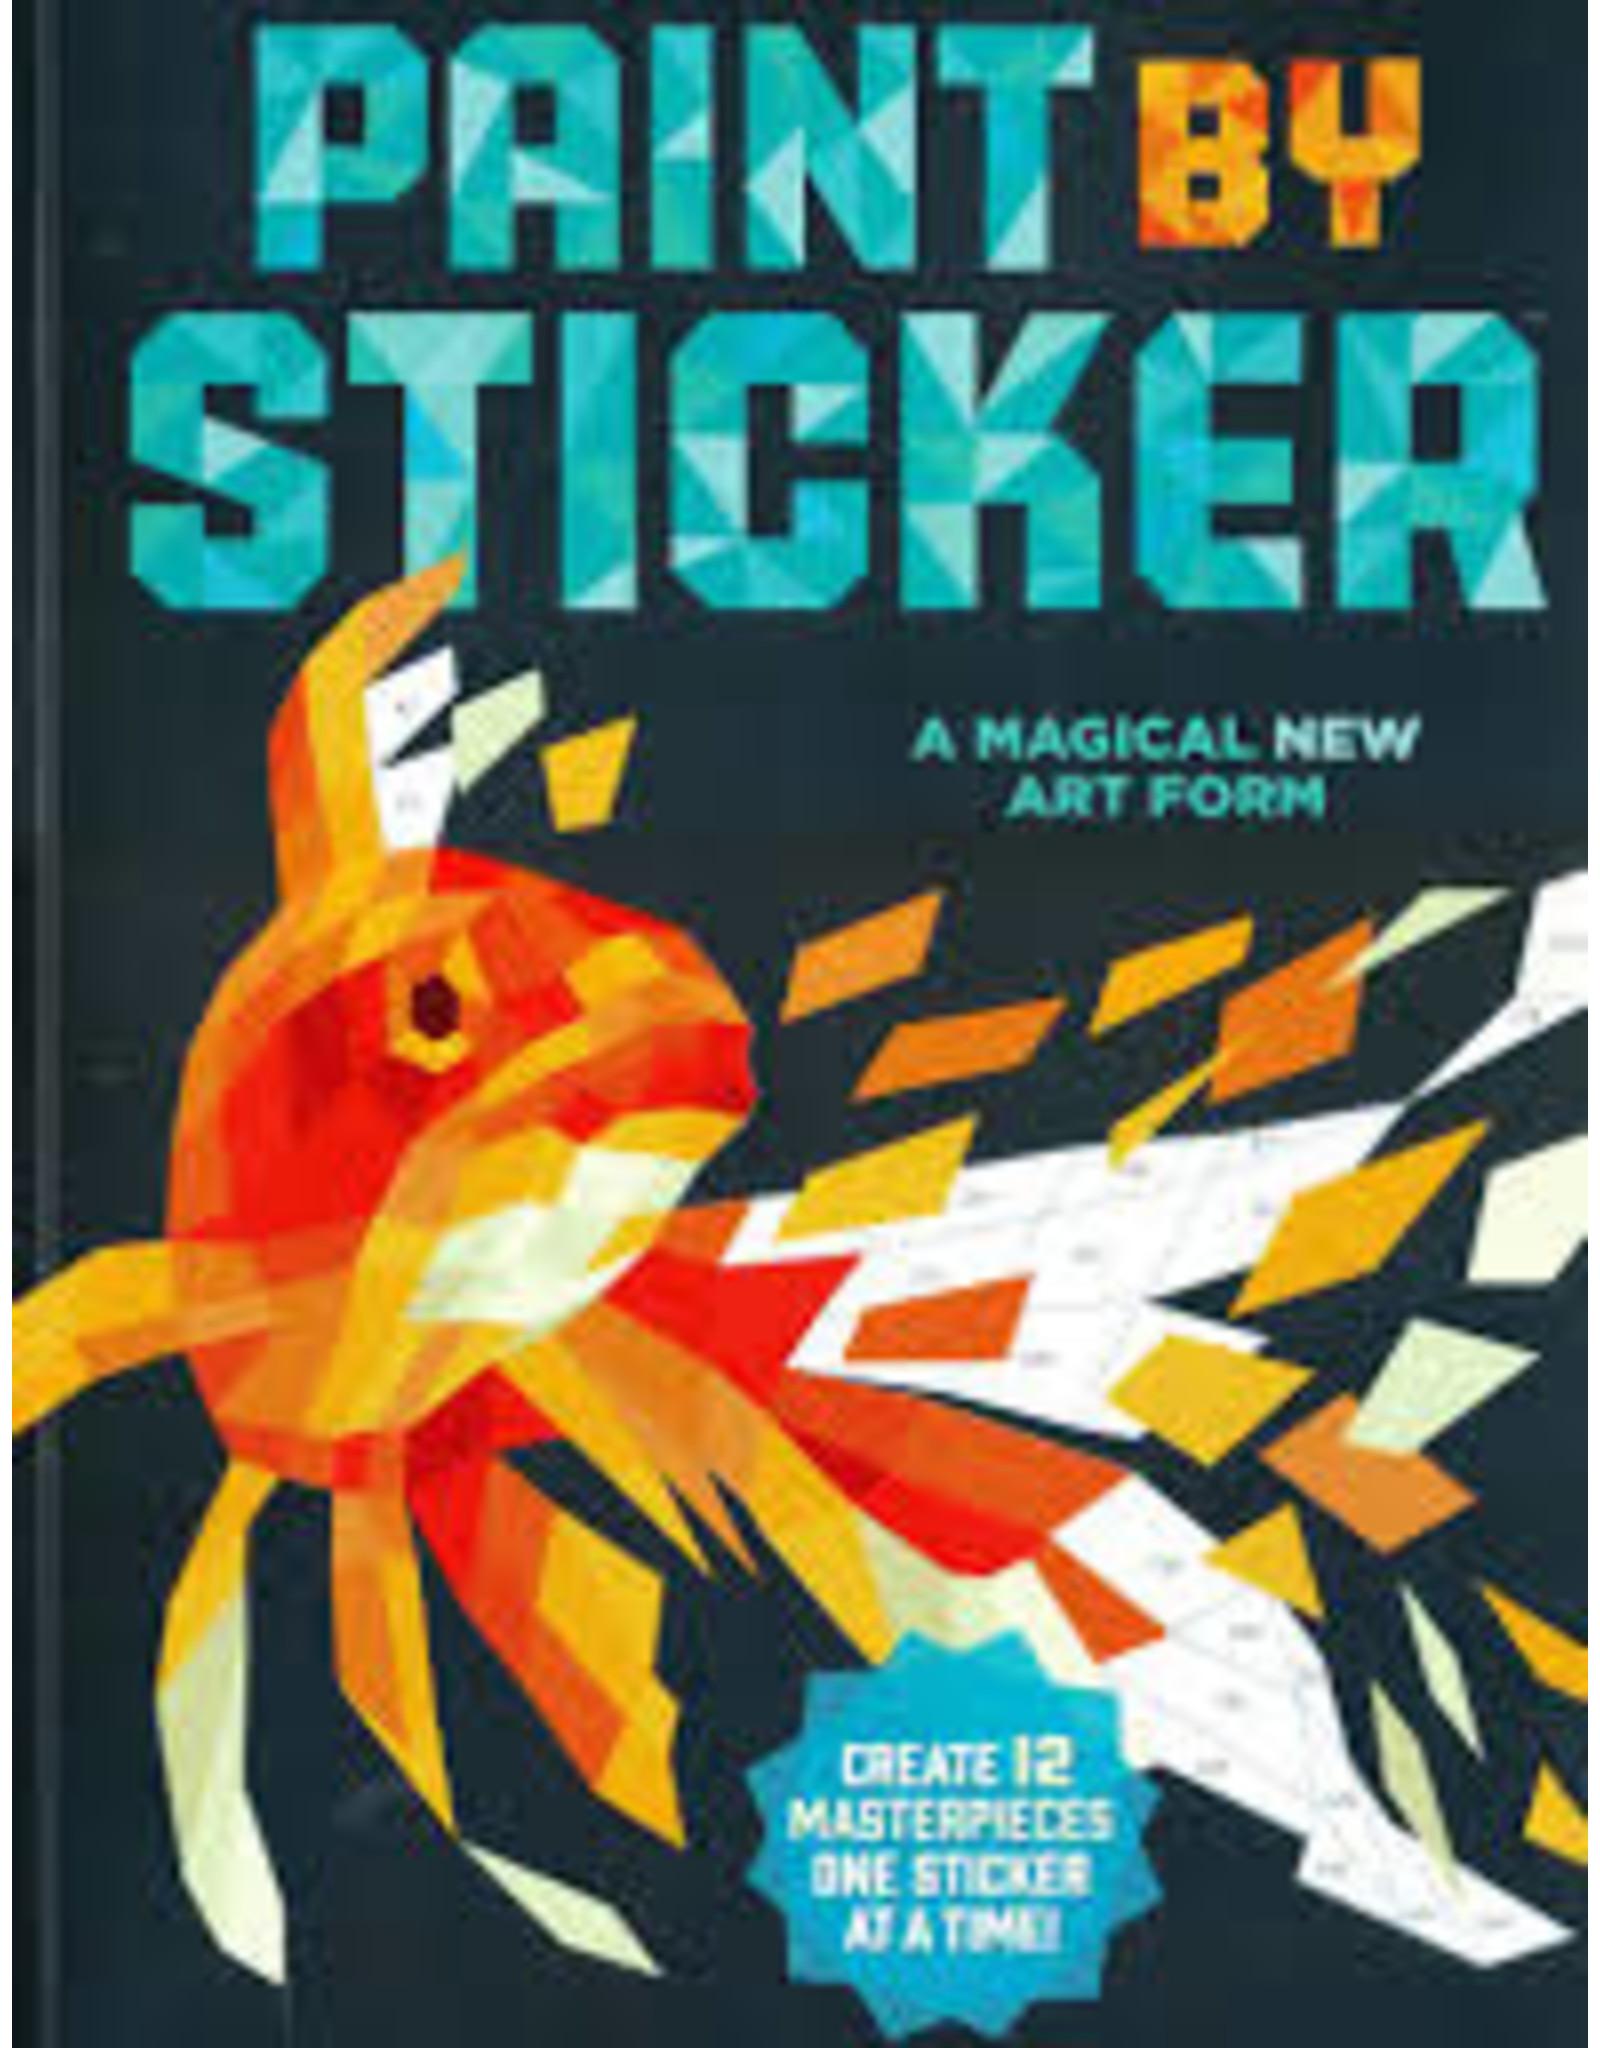 Books Paint By StickerWorkman